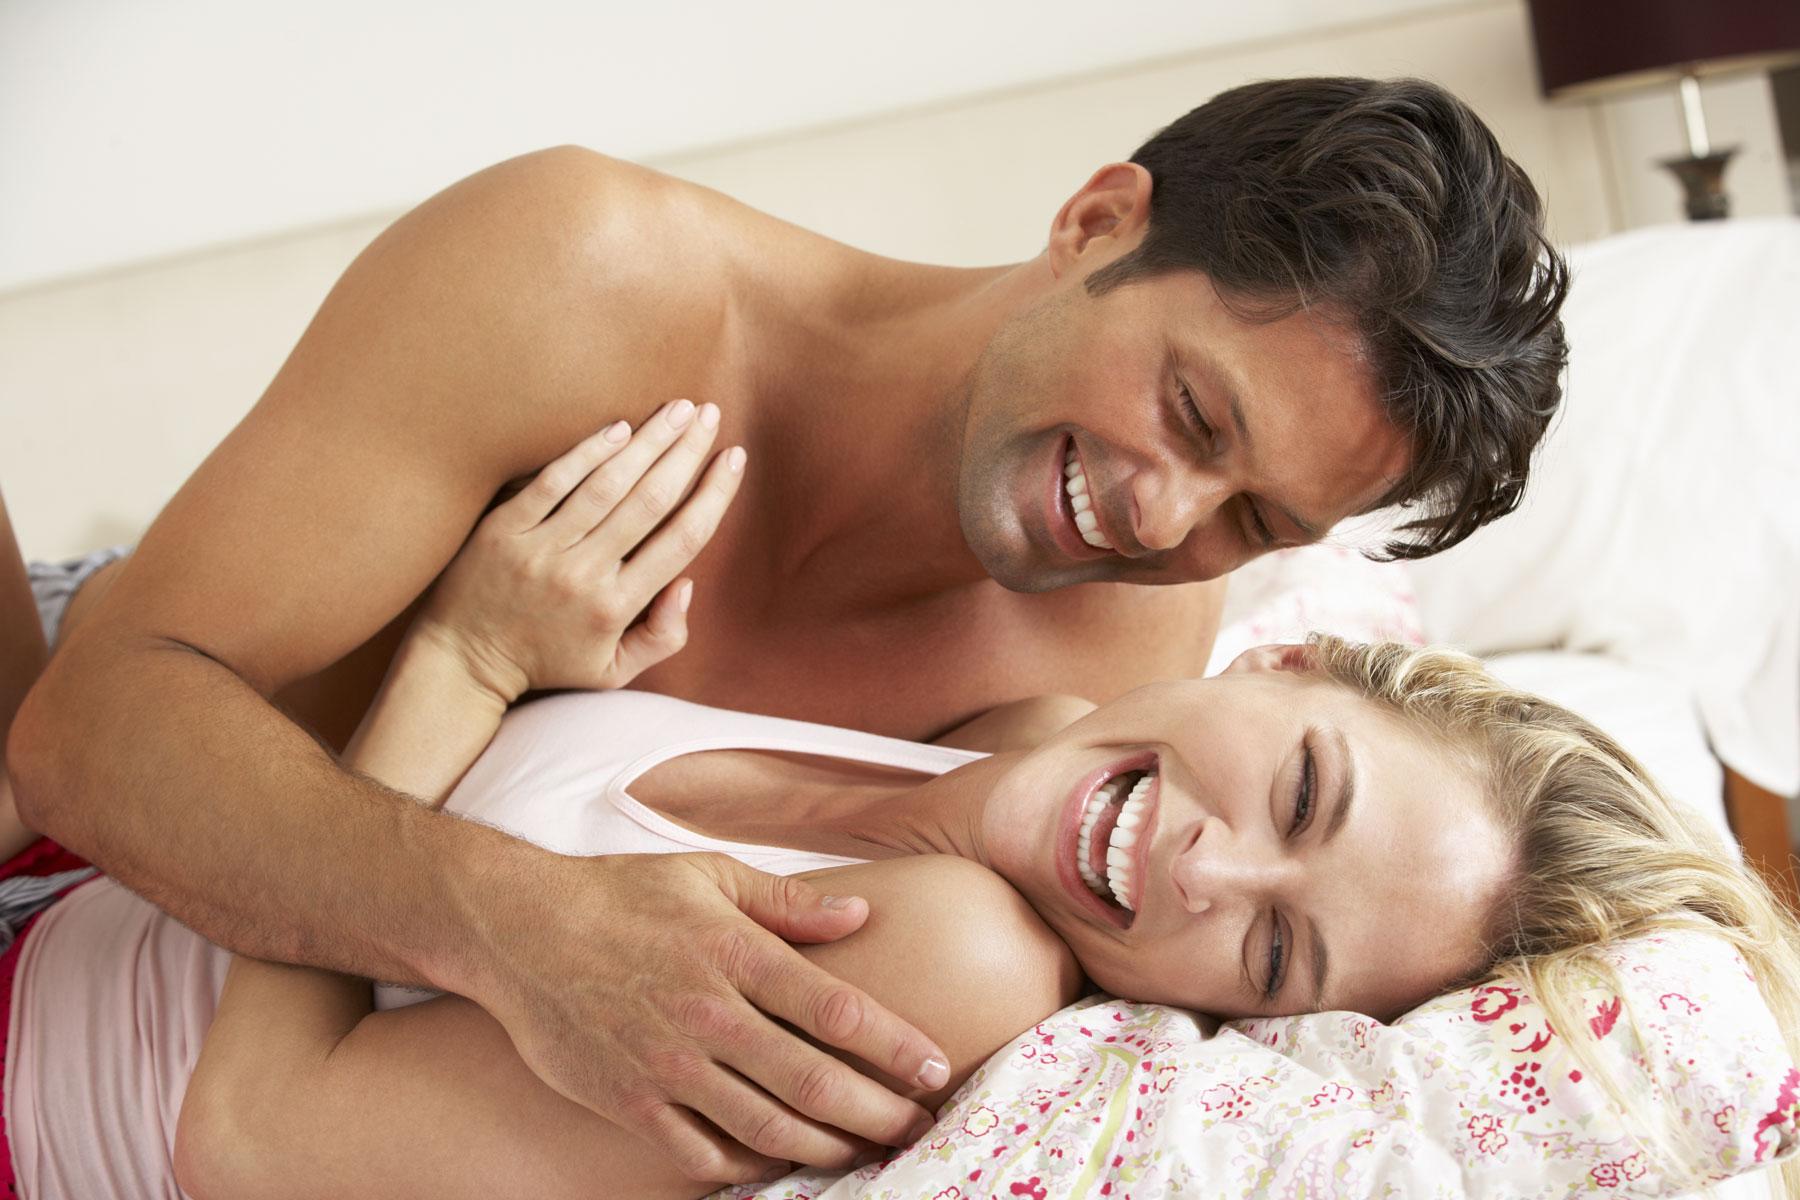 Pourquoi les hommes veulent le sexe anal